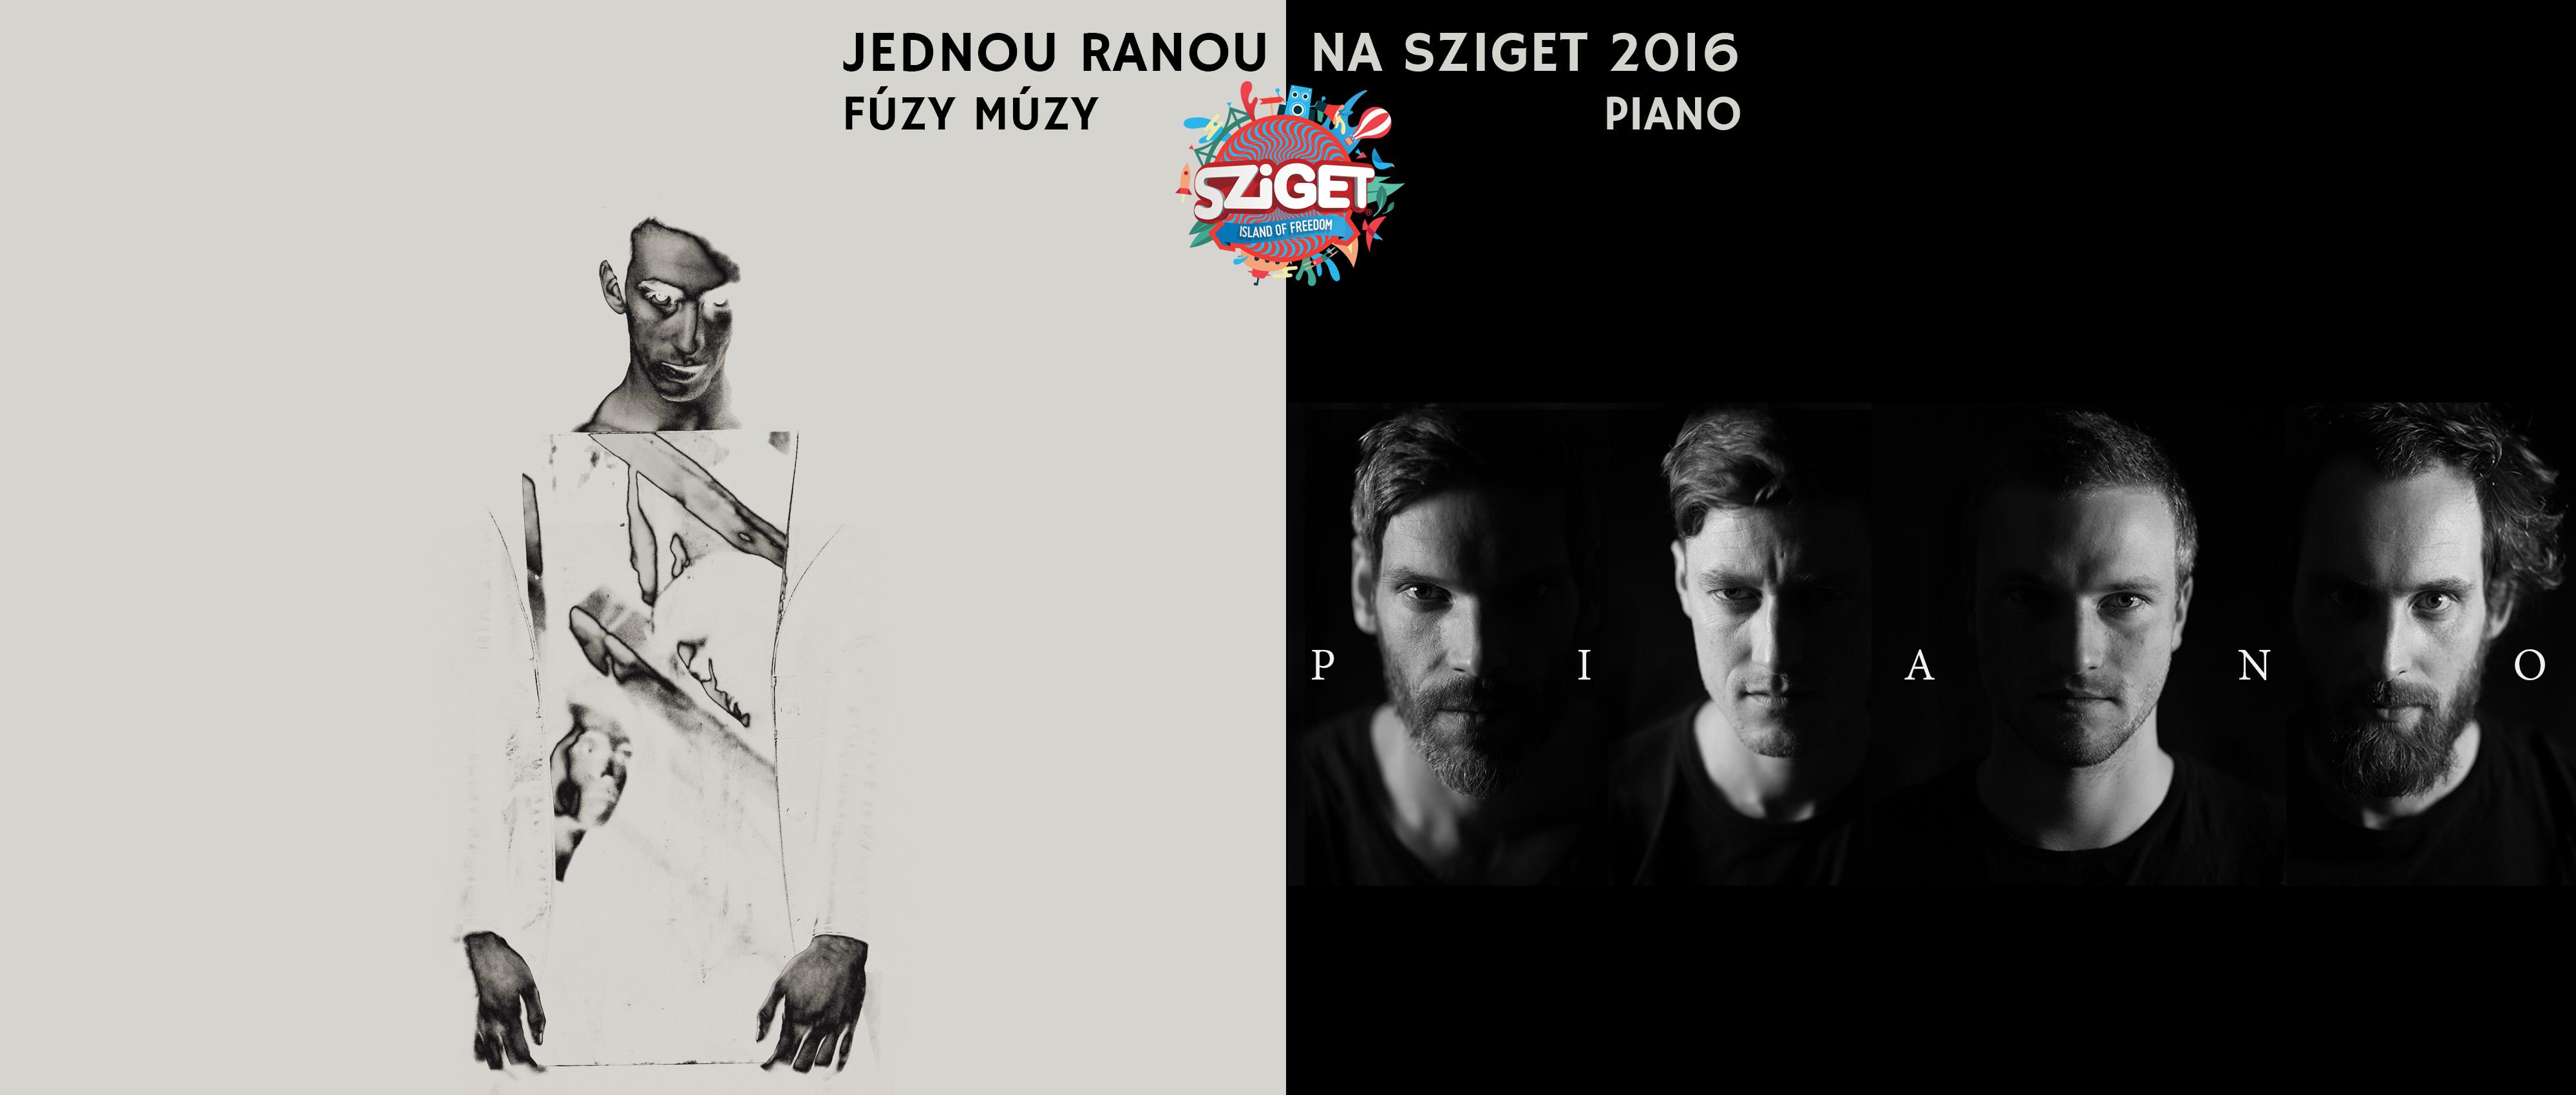 Beatboxer En.dru předvede svoji show na Sziget festivalu. Připojí se i Jihočech?